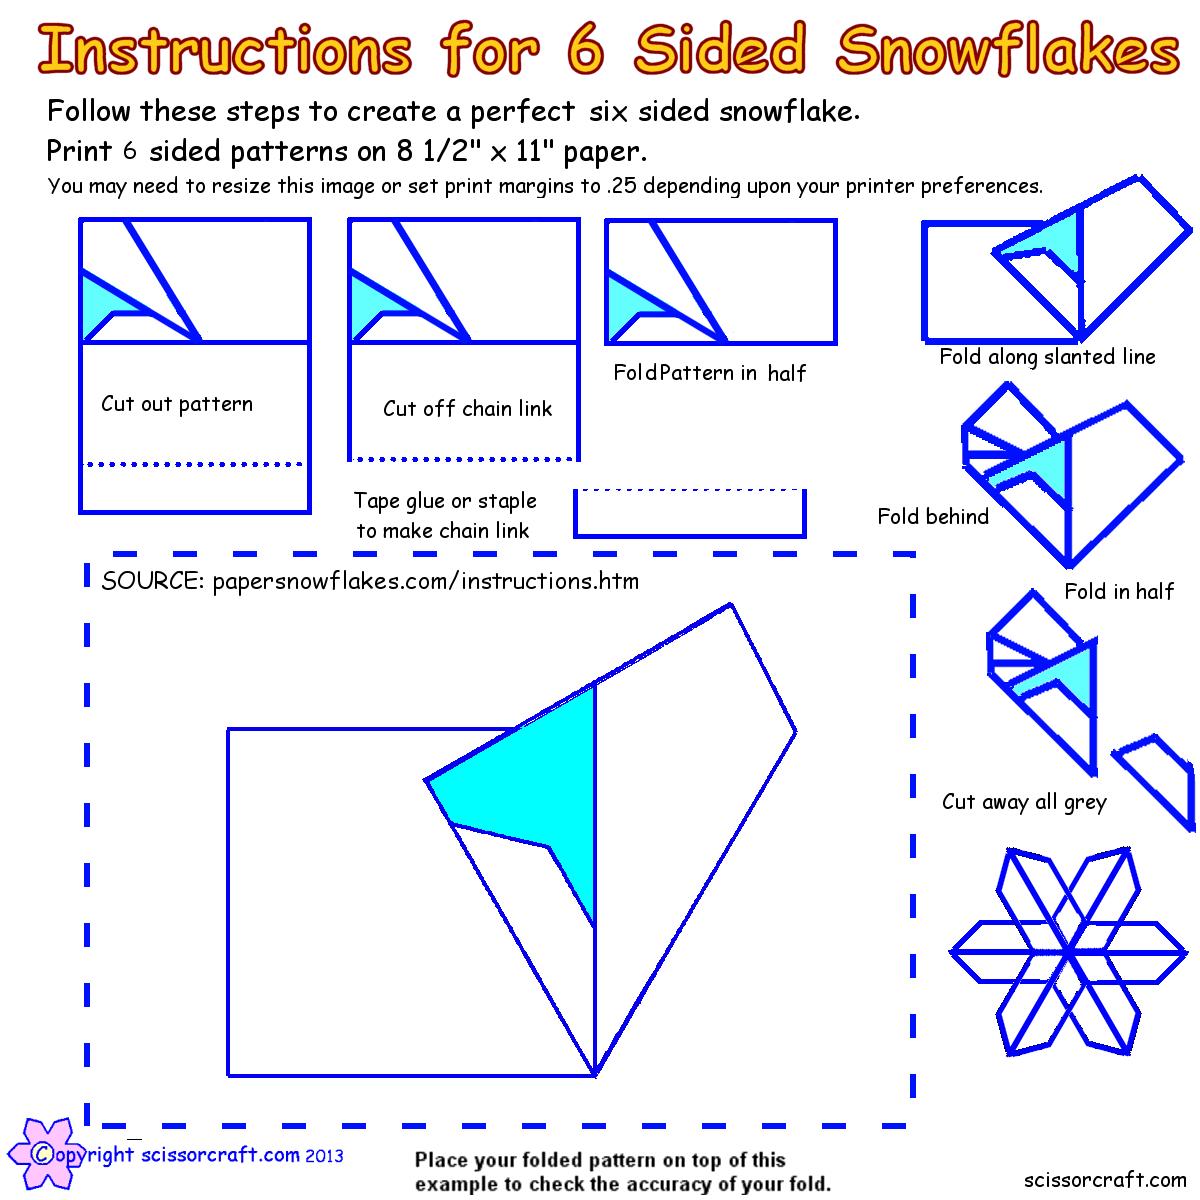 Инструкция как делать снежинки своими руками